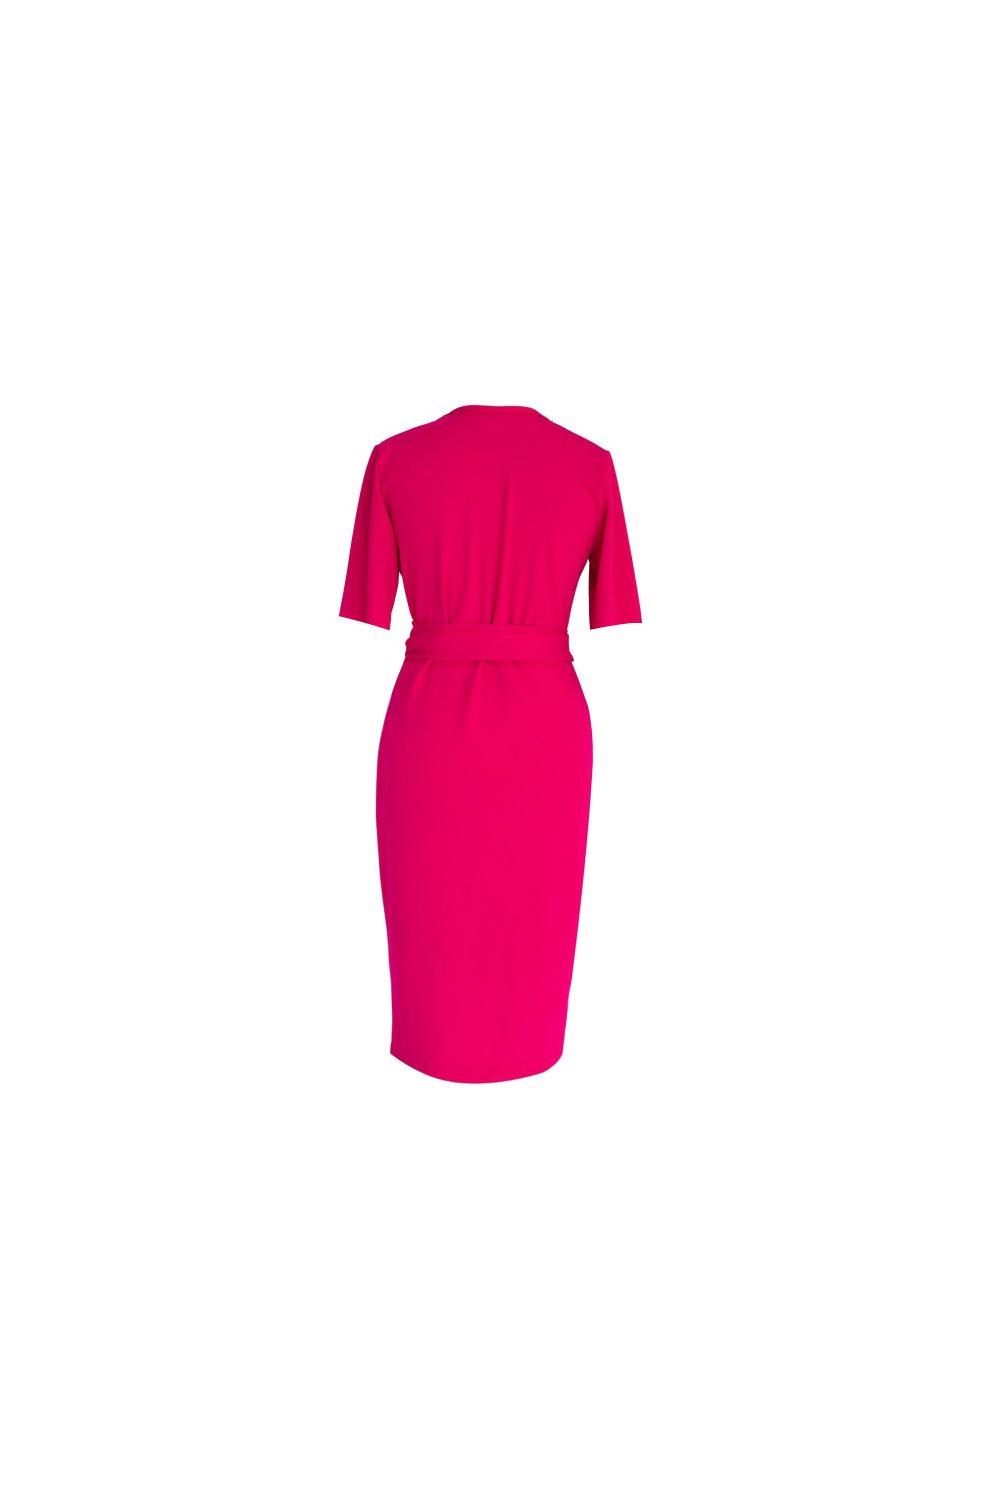 1dea6326 Malinowa sukienka z krótkim rękawem - VENEZIA - Sklep PLUS SIZE XL-ka